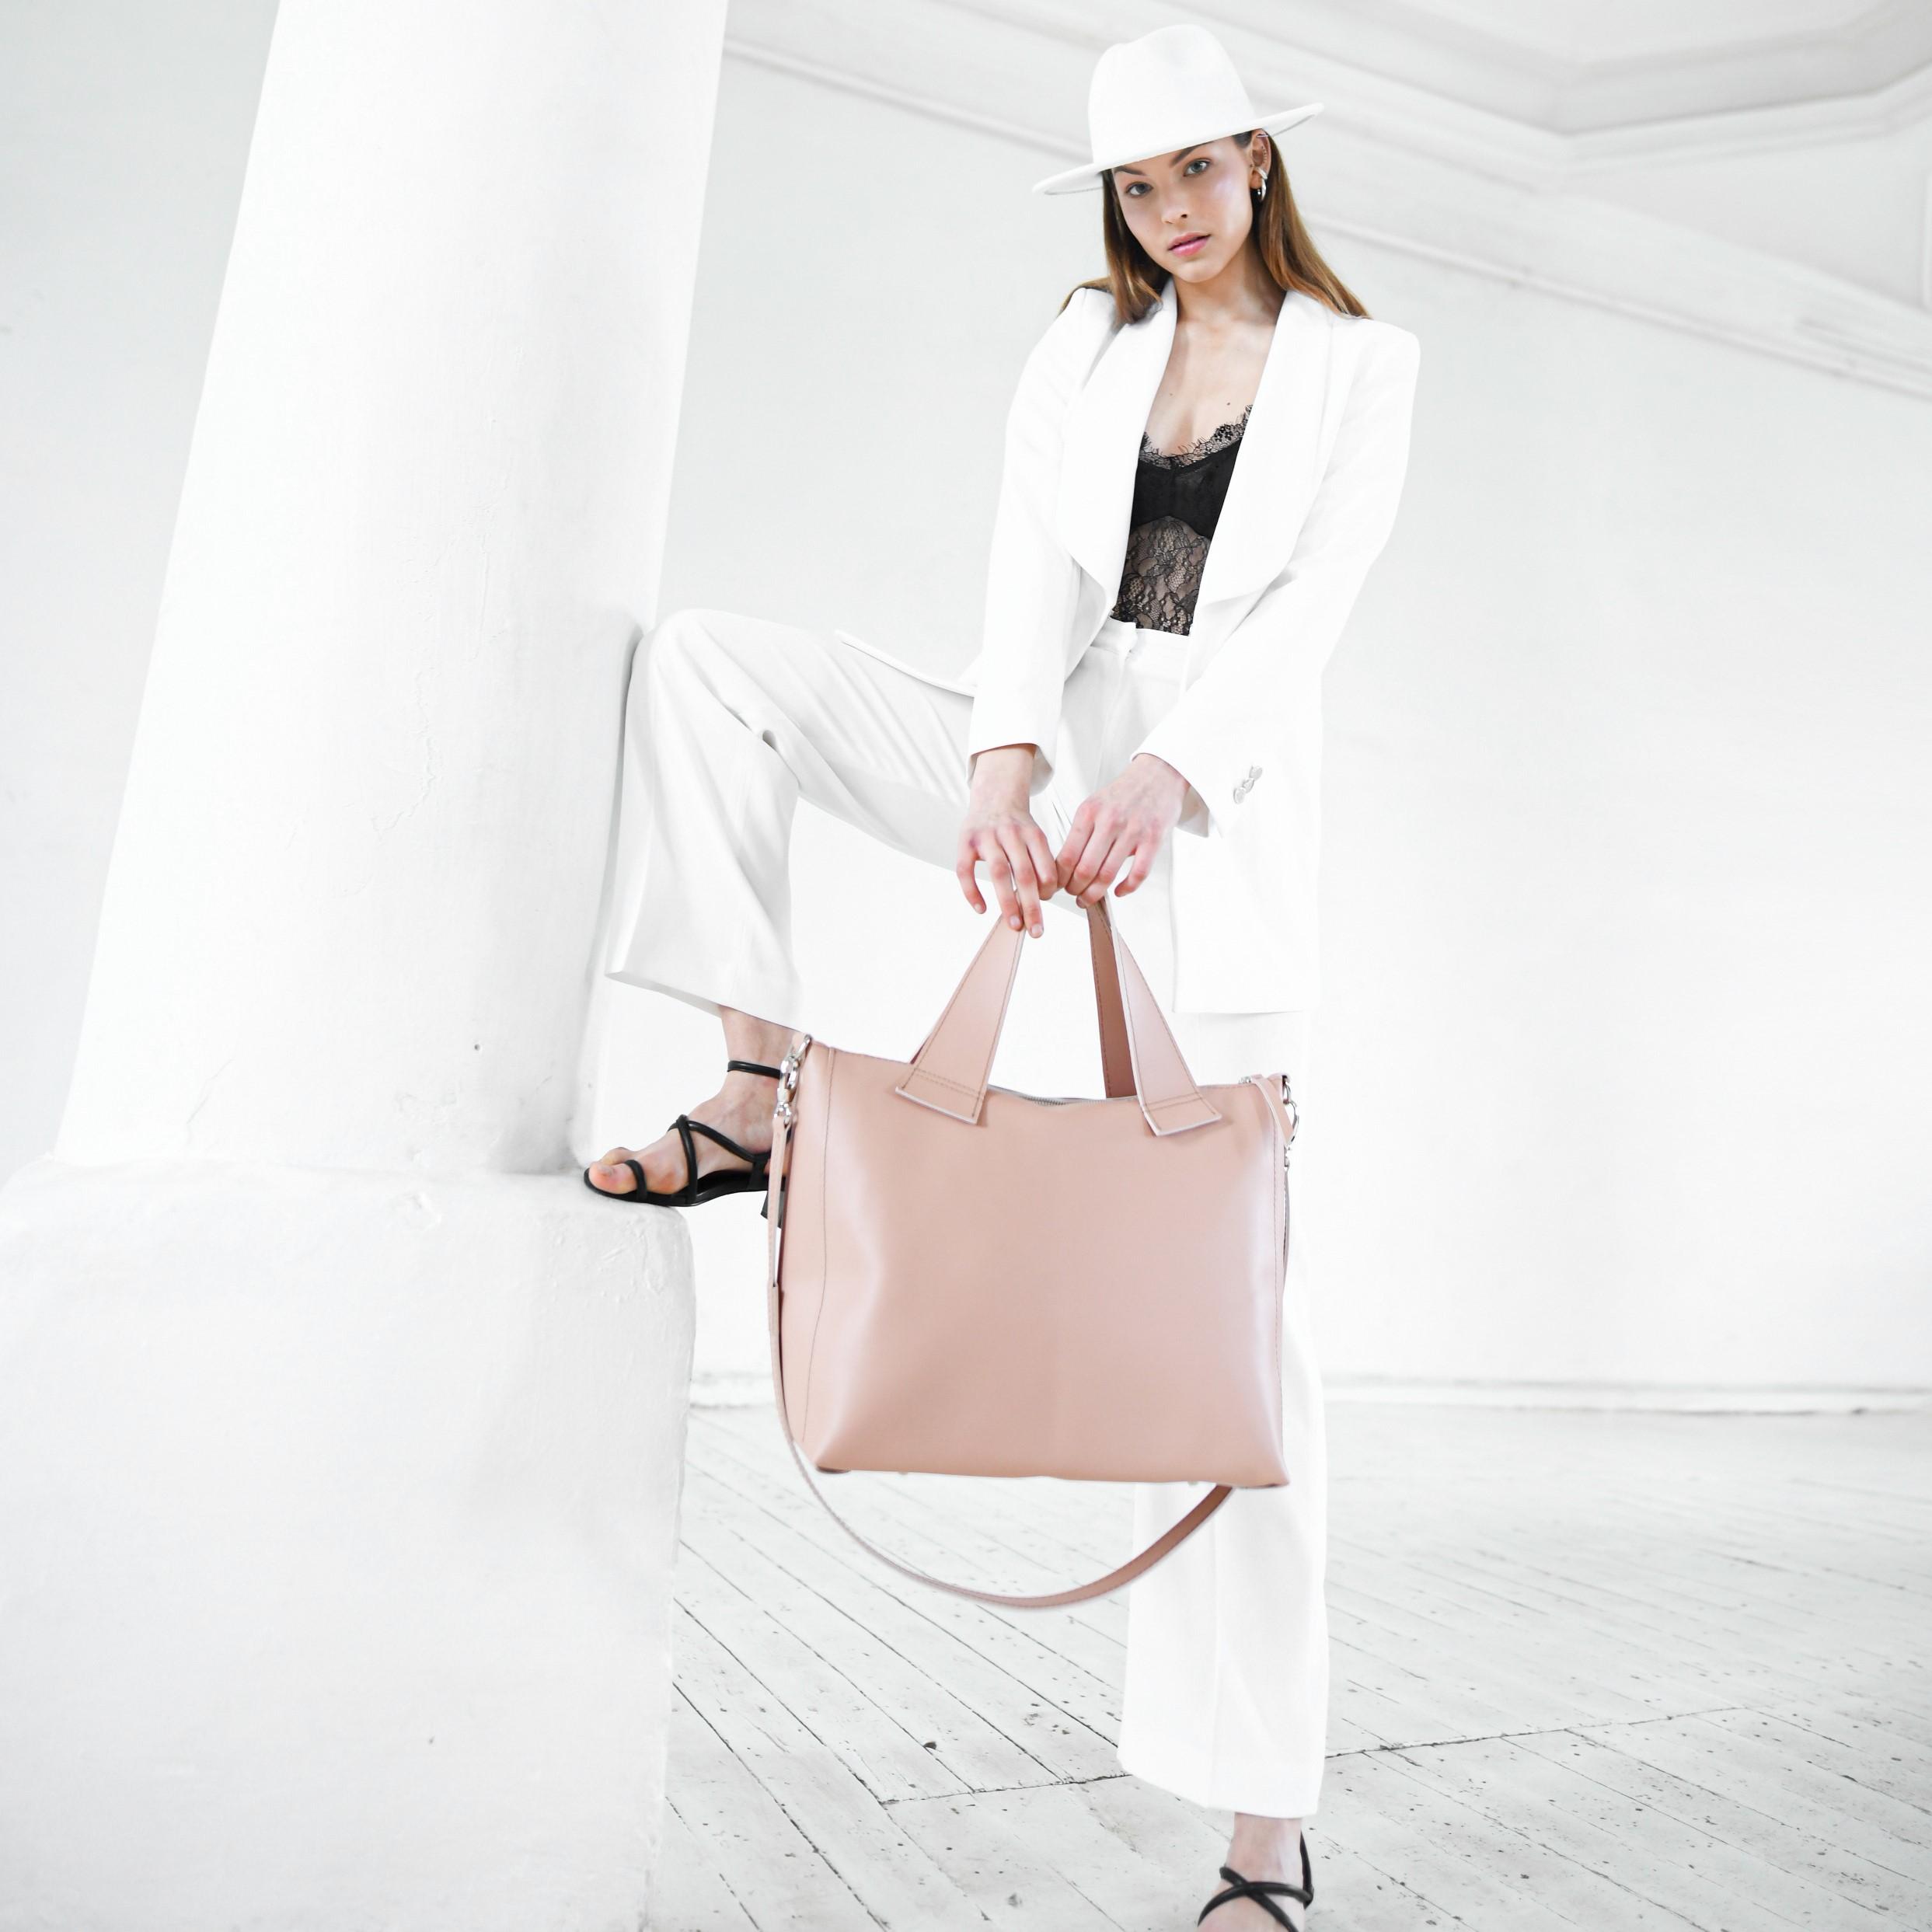 """""""Eukalipto"""" rankinė ir """"Astilbės"""" krepšys, dizainerė Ingrida Jasinskė, """"kARTu"""" kūrybos vadovė"""